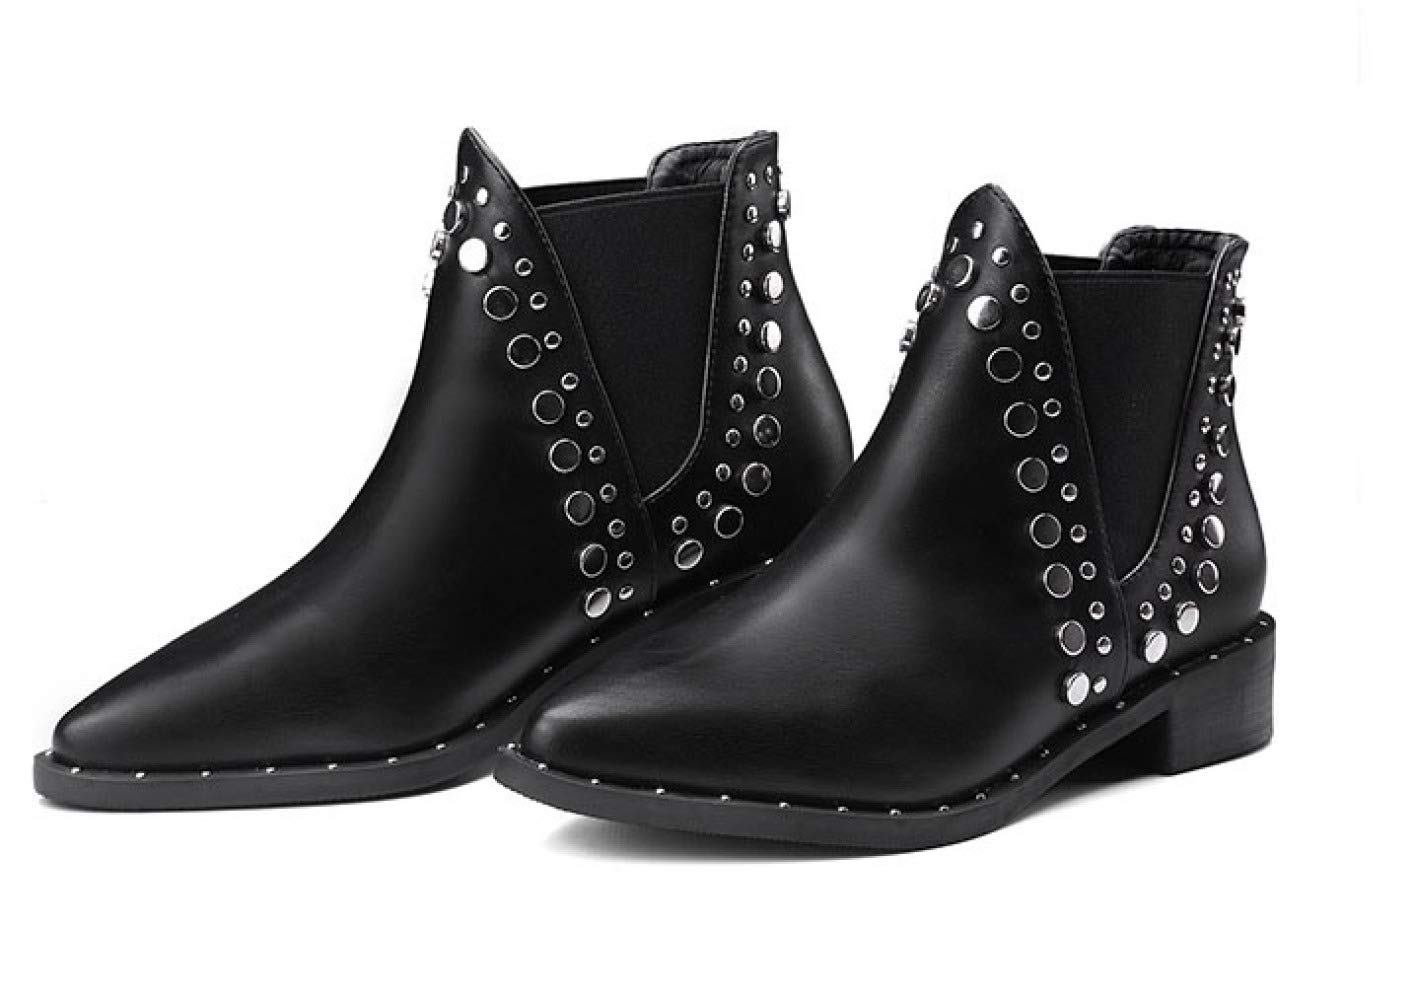 QVRGE Spitzen Stiefel Flache Schuhe Chelsea Stiefeletten Stiefel Stiefel Stiefel